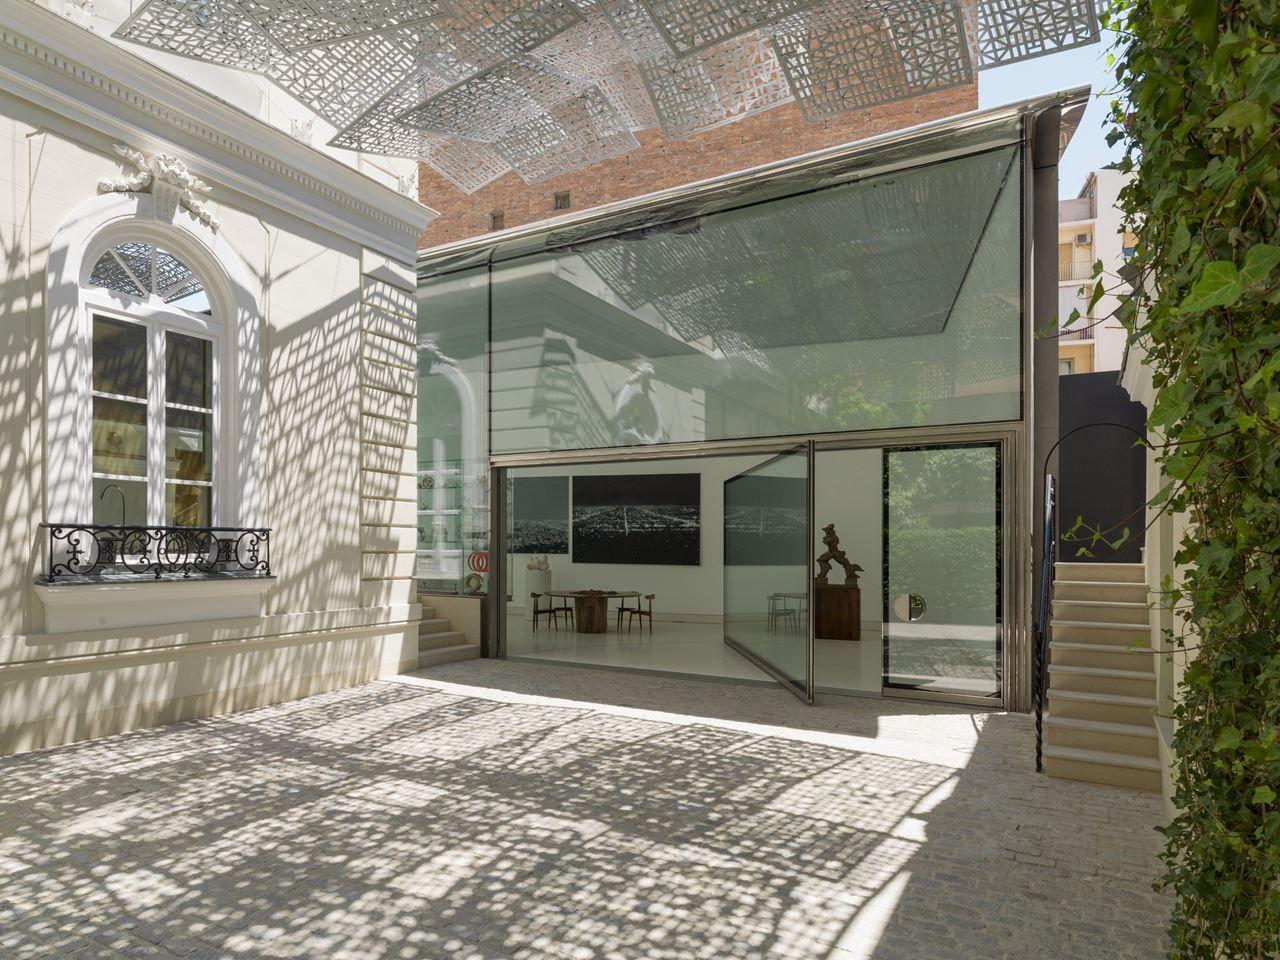 House window sunshade design  floating brise soliel idea  awningsunshade  hotel  pinterest